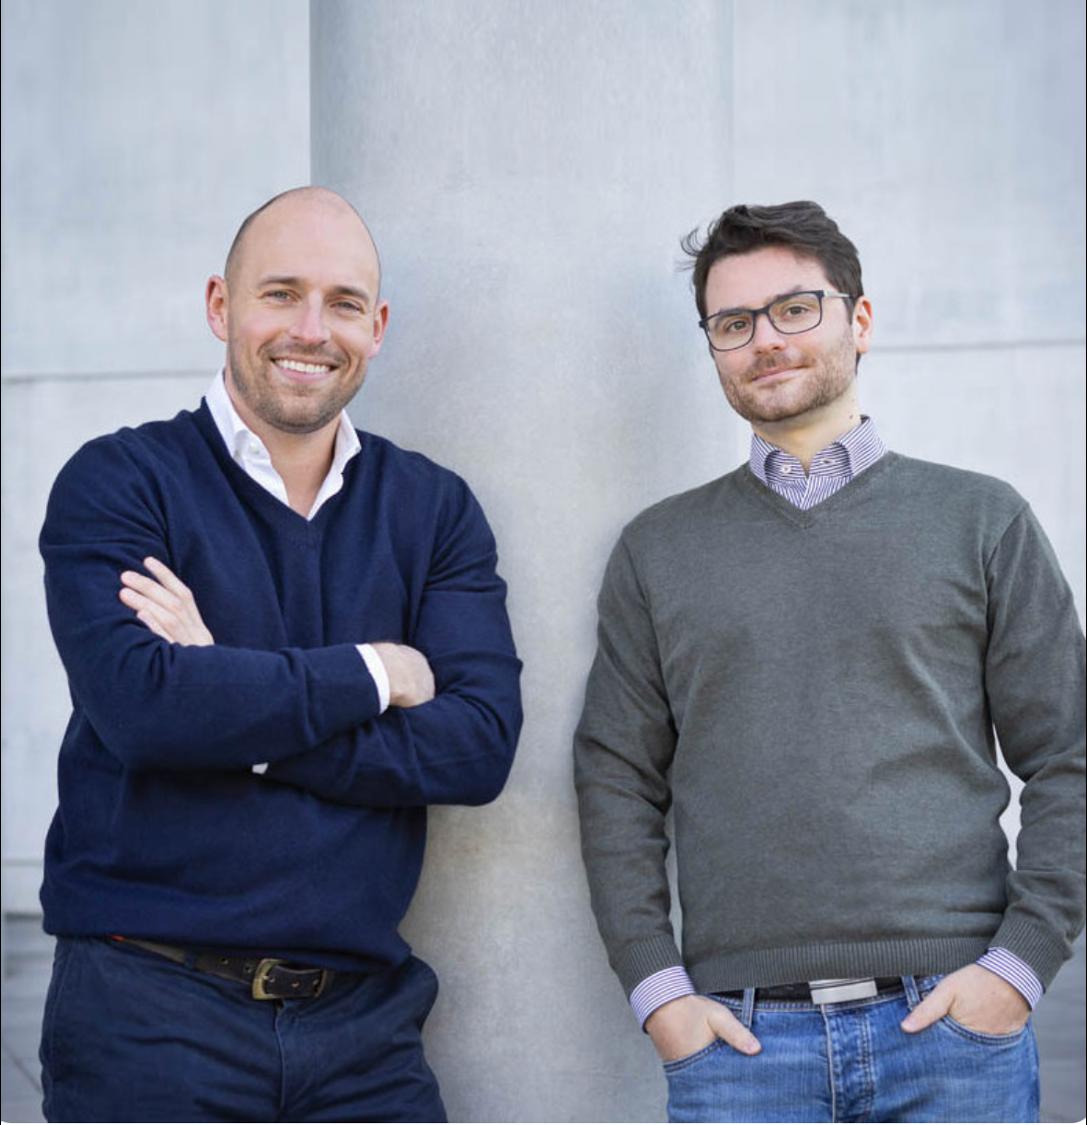 Uroletics-Ärzte erhalten Horst-Jürgen-Lühl-Preis für Uroletics-App